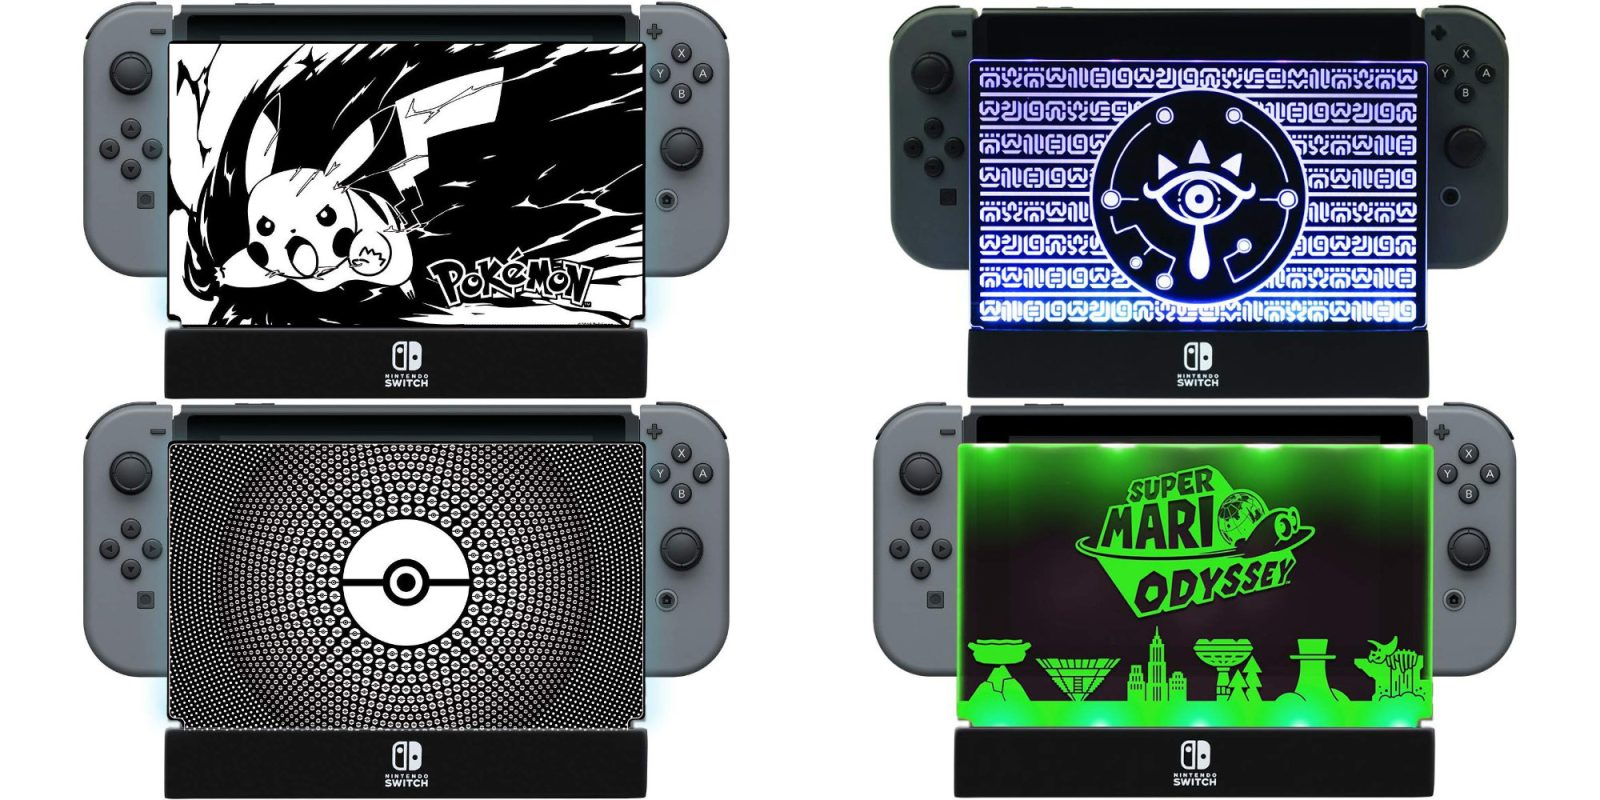 Switch It Up Toys : The pdp pokémon light up switch dock shield hits new